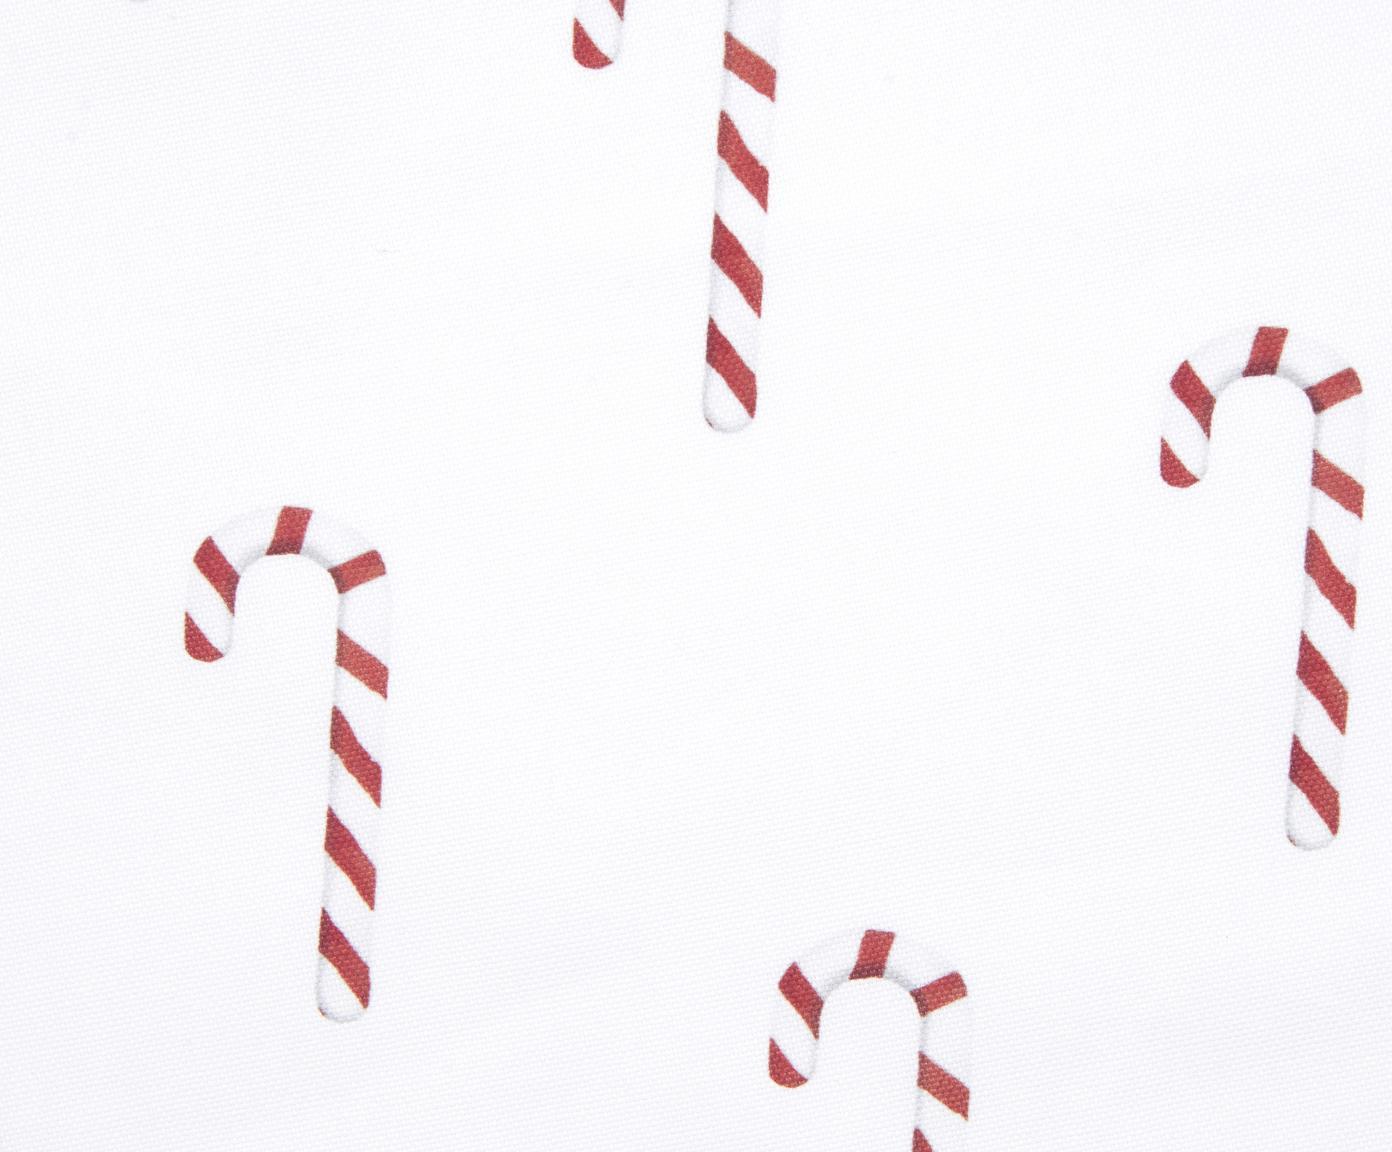 Kissenhülle Candy Cane mit Zuckerstangen, Baumwolle, Rot, Weiß, 40 x 40 cm